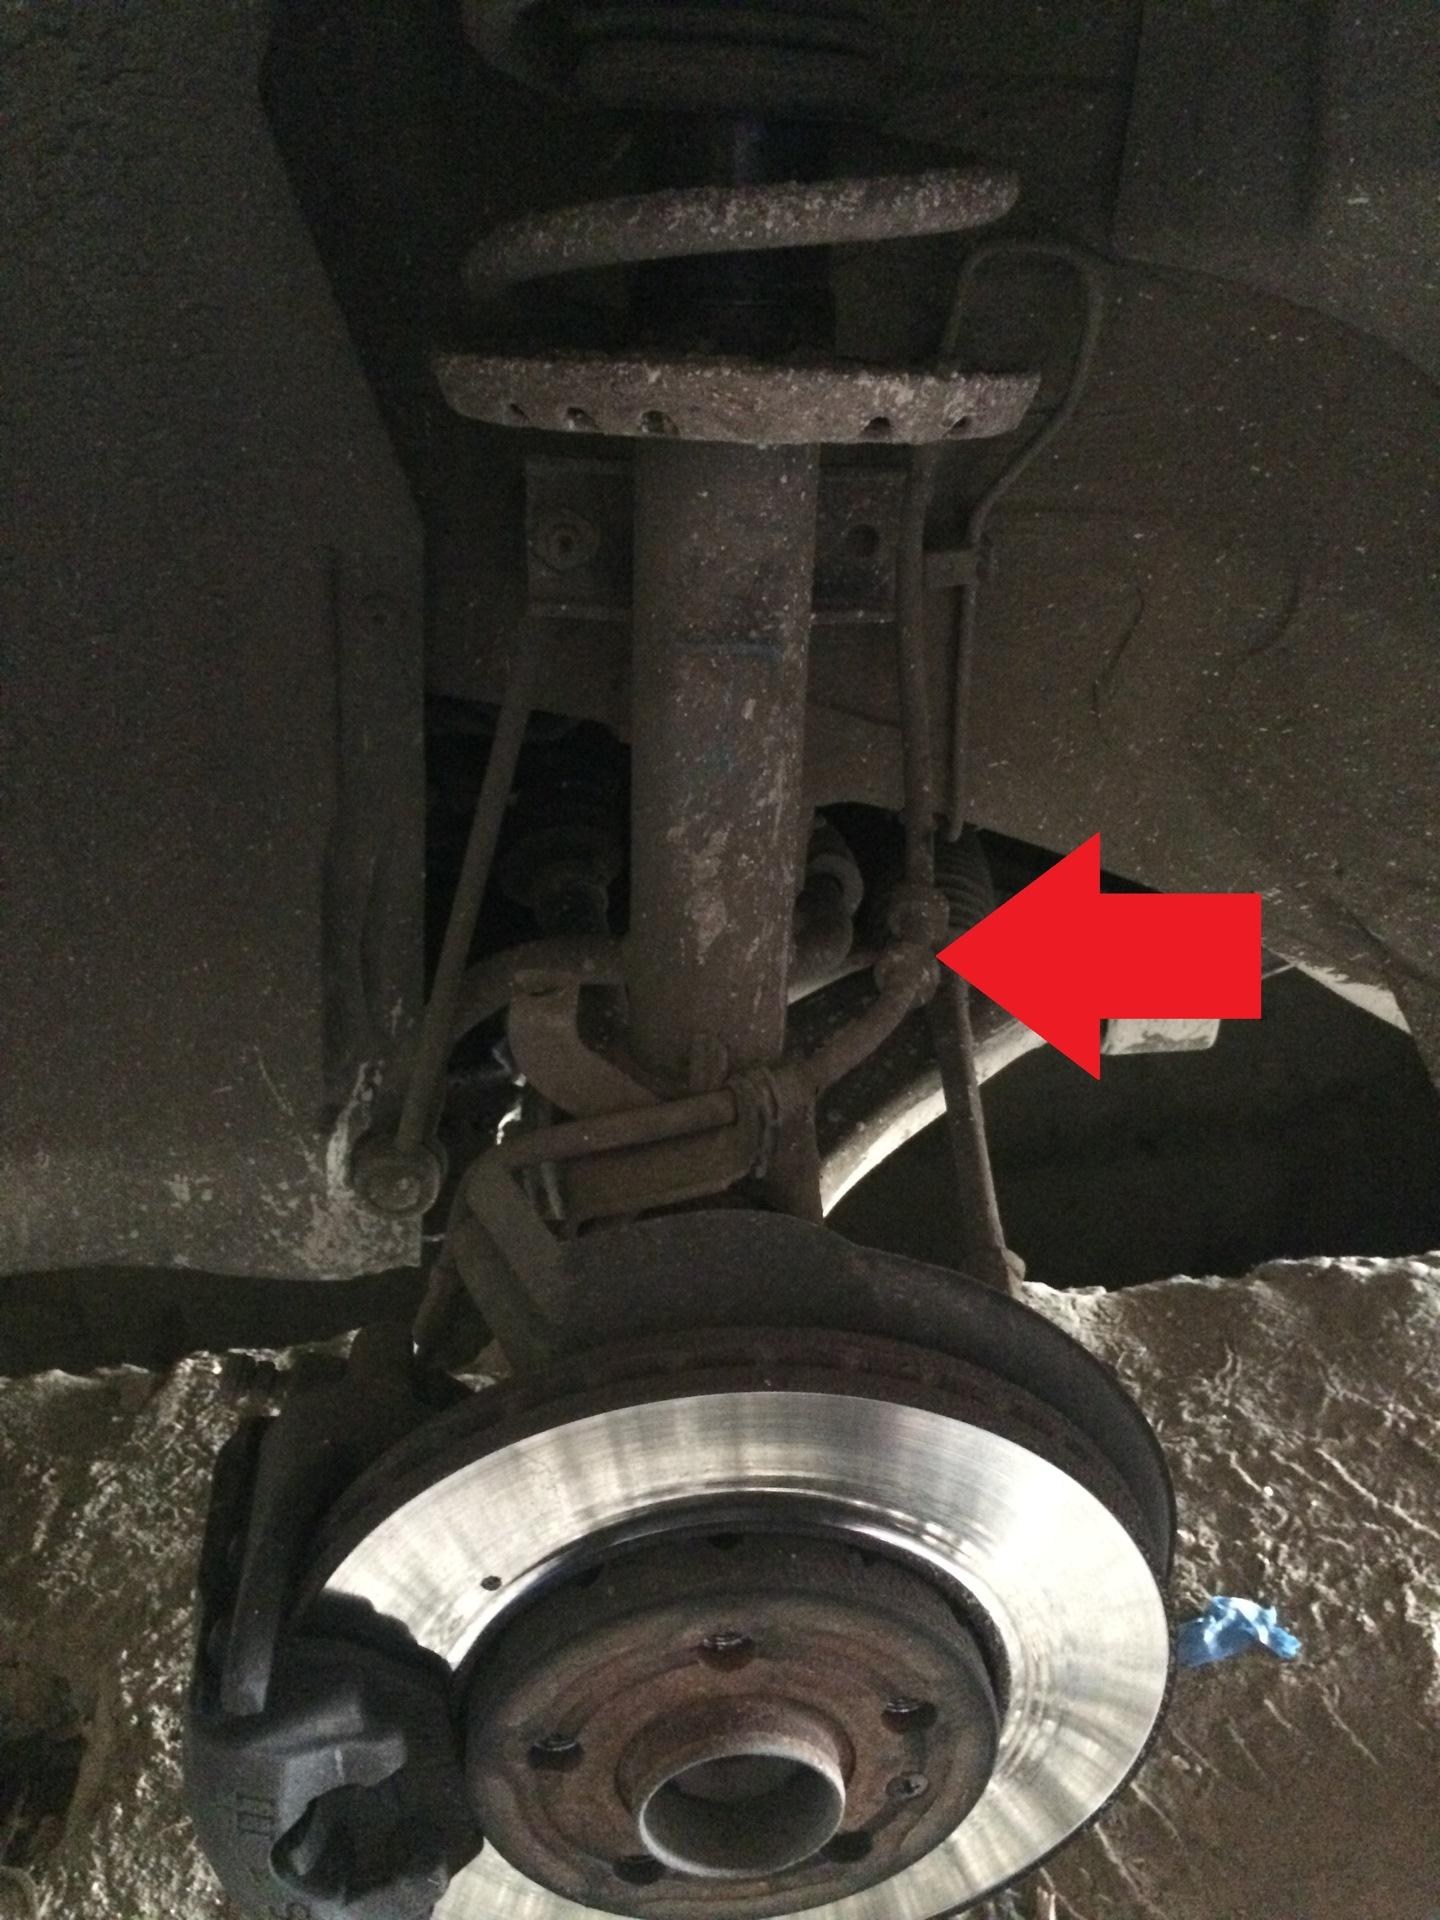 Замена тормозного шланга с прокачкой fabia 2 Ремонт гидроусилителя руля киа церато 2